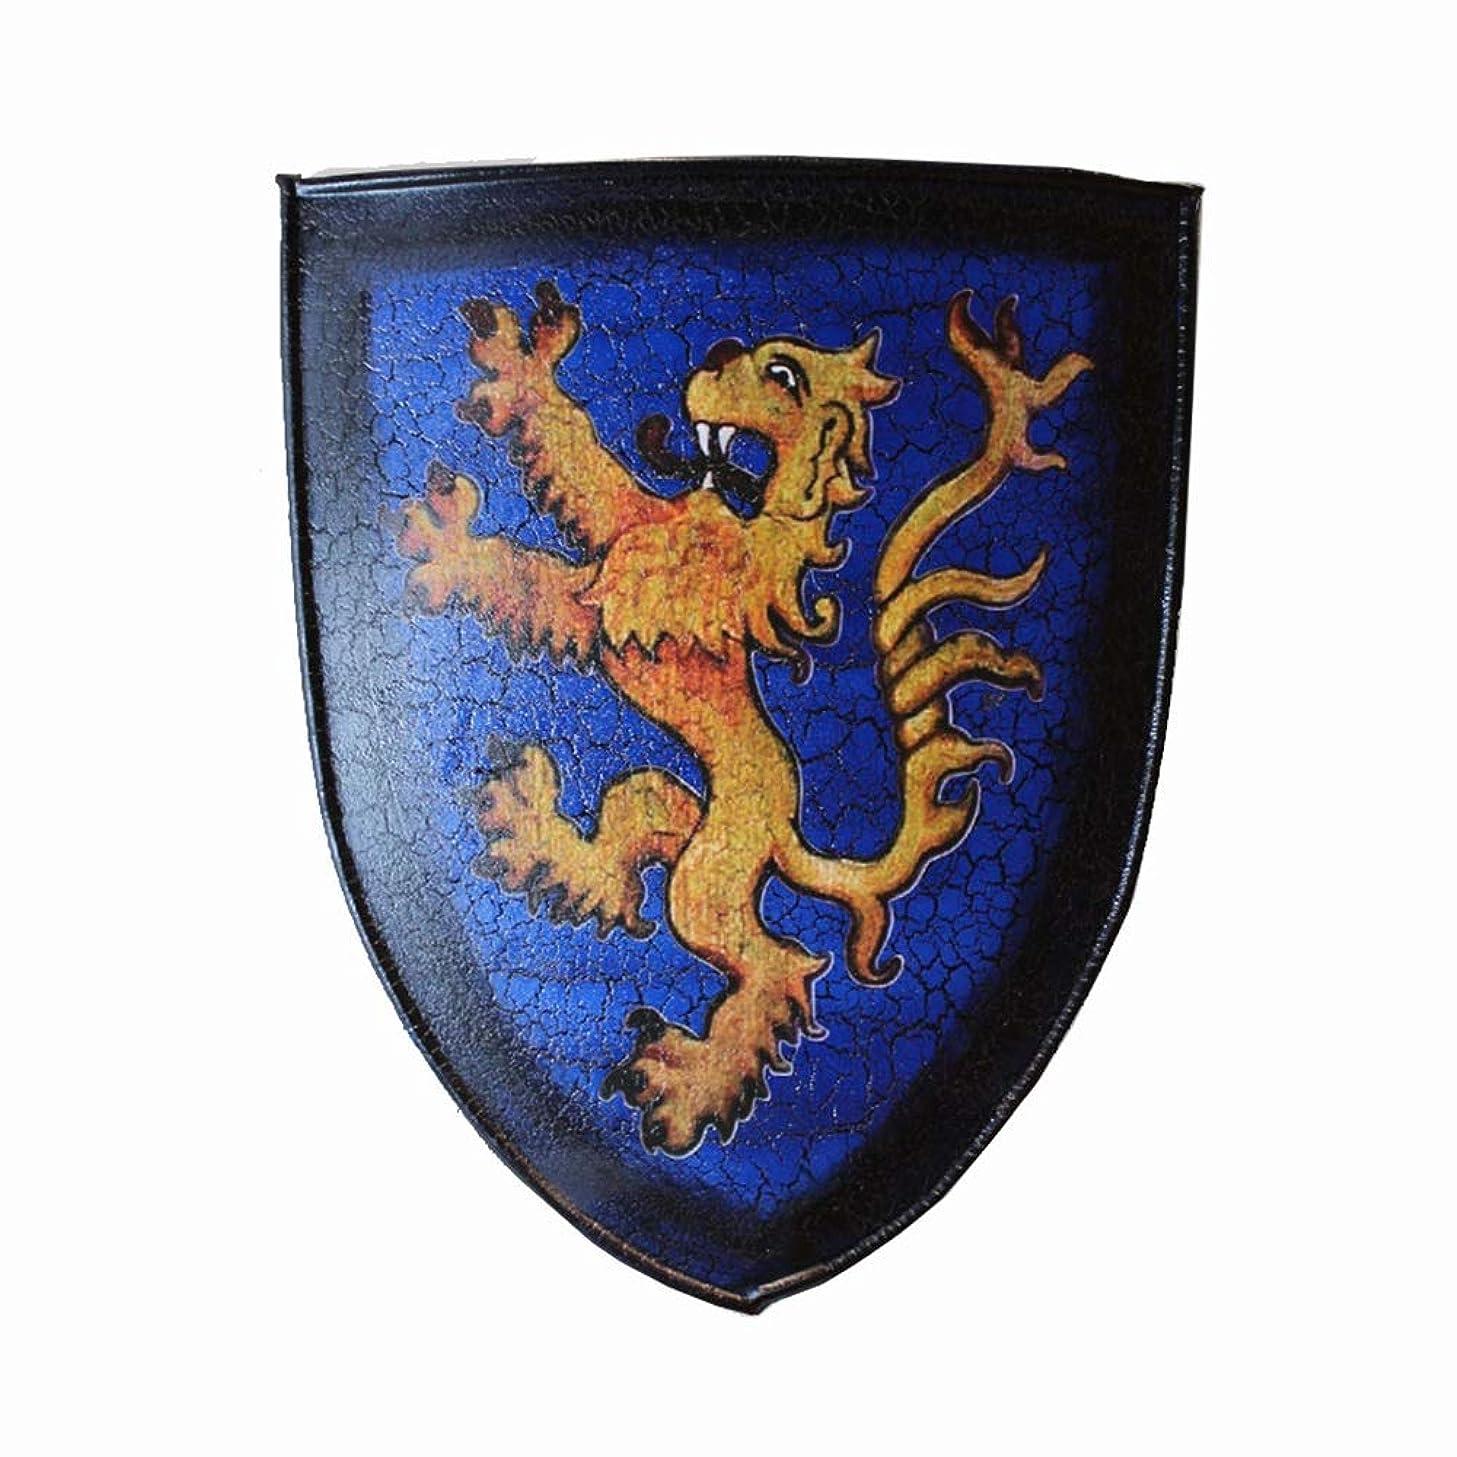 既に突進住人中世の盾 冷間圧延シートウォールプラーク中世ブルーライオンシールドの壁の彫刻装飾46x60cm 壁掛け (Color : Blue, Size : 46x60cm)